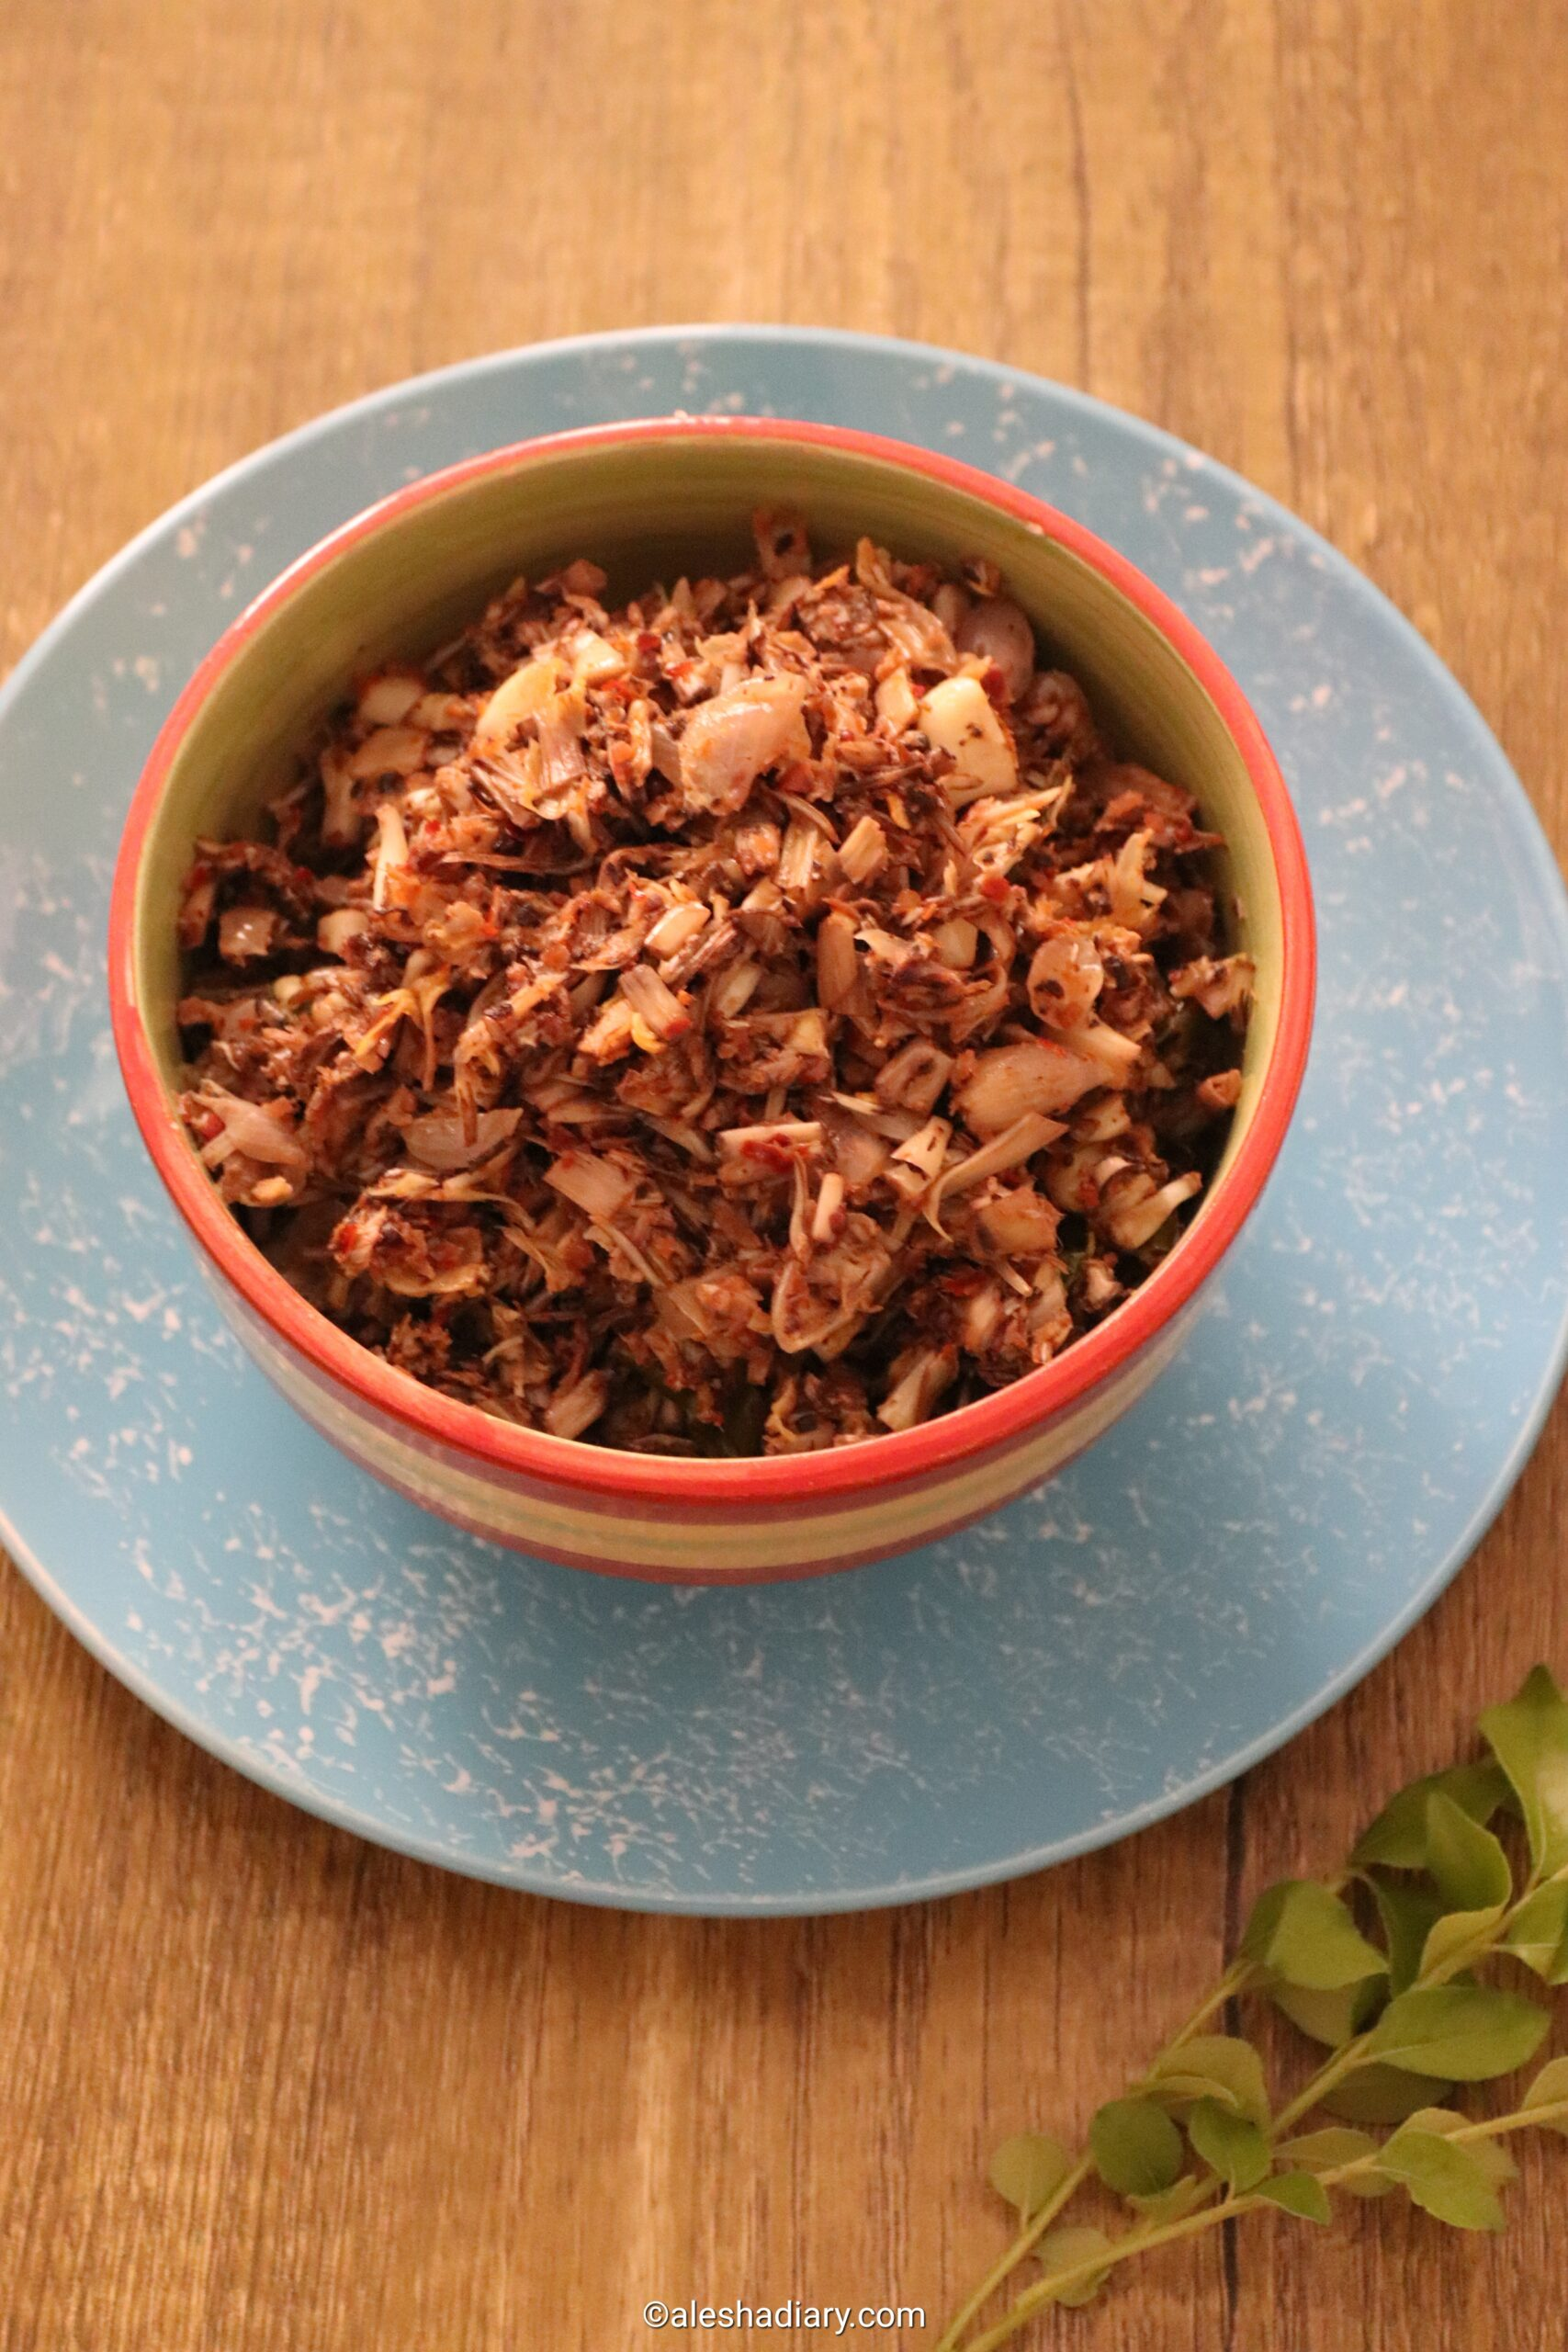 Vazhaipoo Masi poriyal -Vazhapoo masi karuvadu poriyal – Banana flower dried maldive fish stir-fry